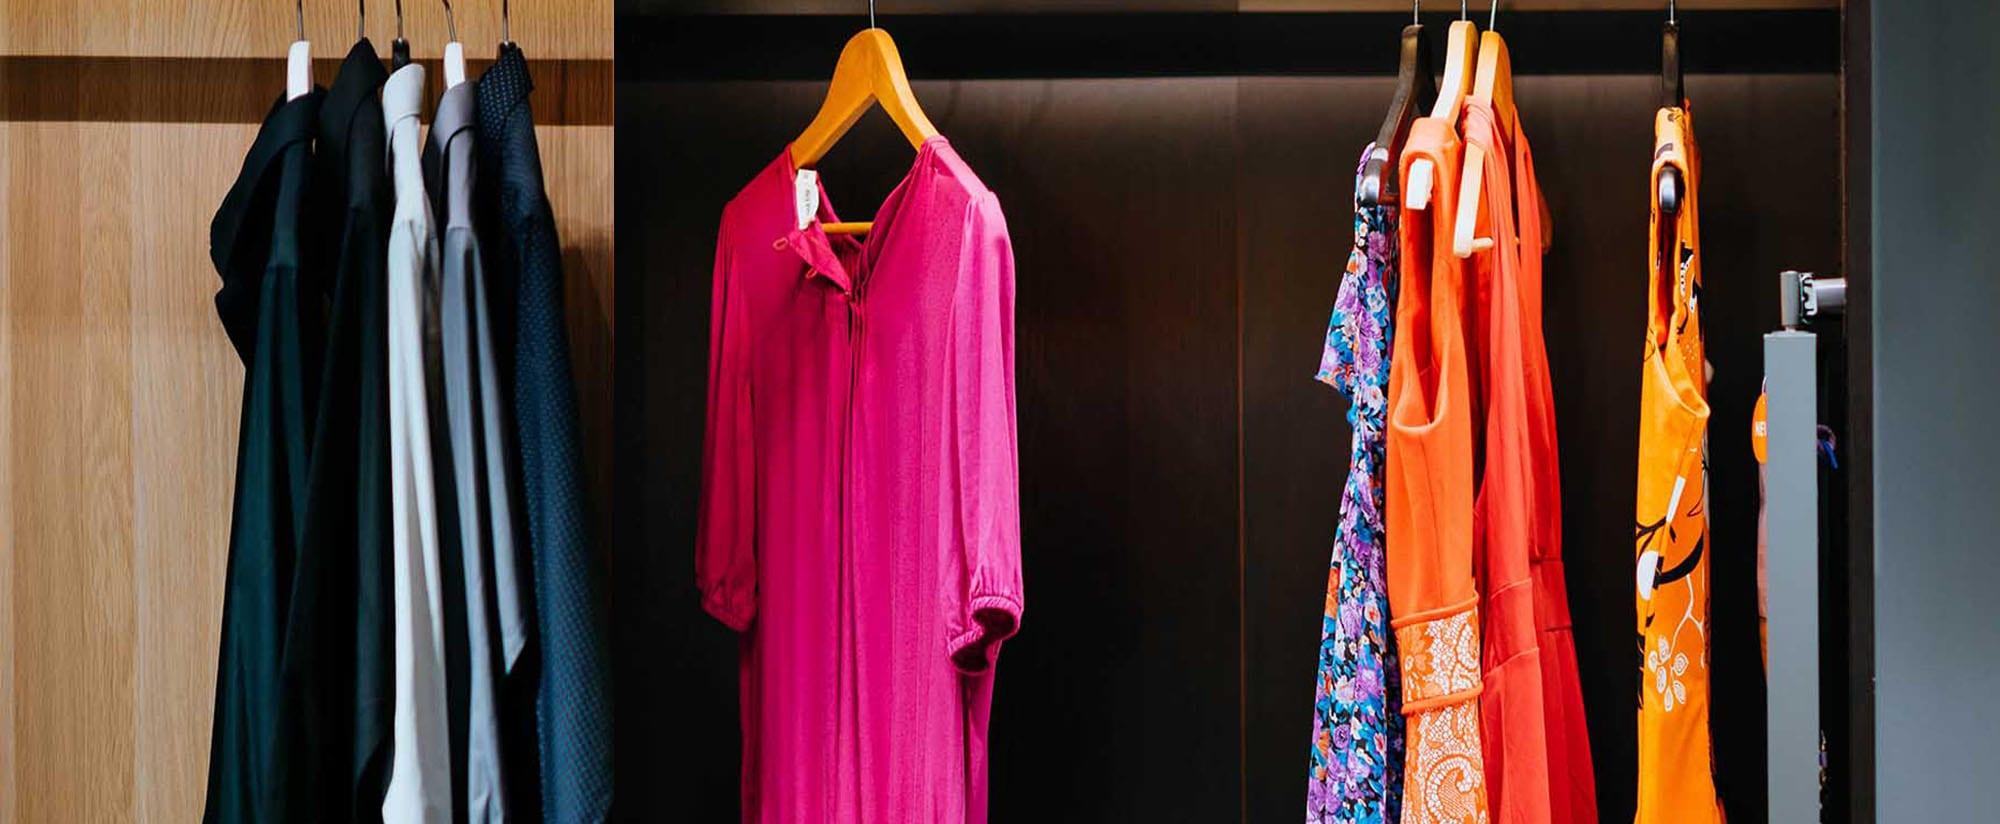 אופנה ופרשת השבוע, Fashion Israel-מגזין אופנה ישראלי - 1